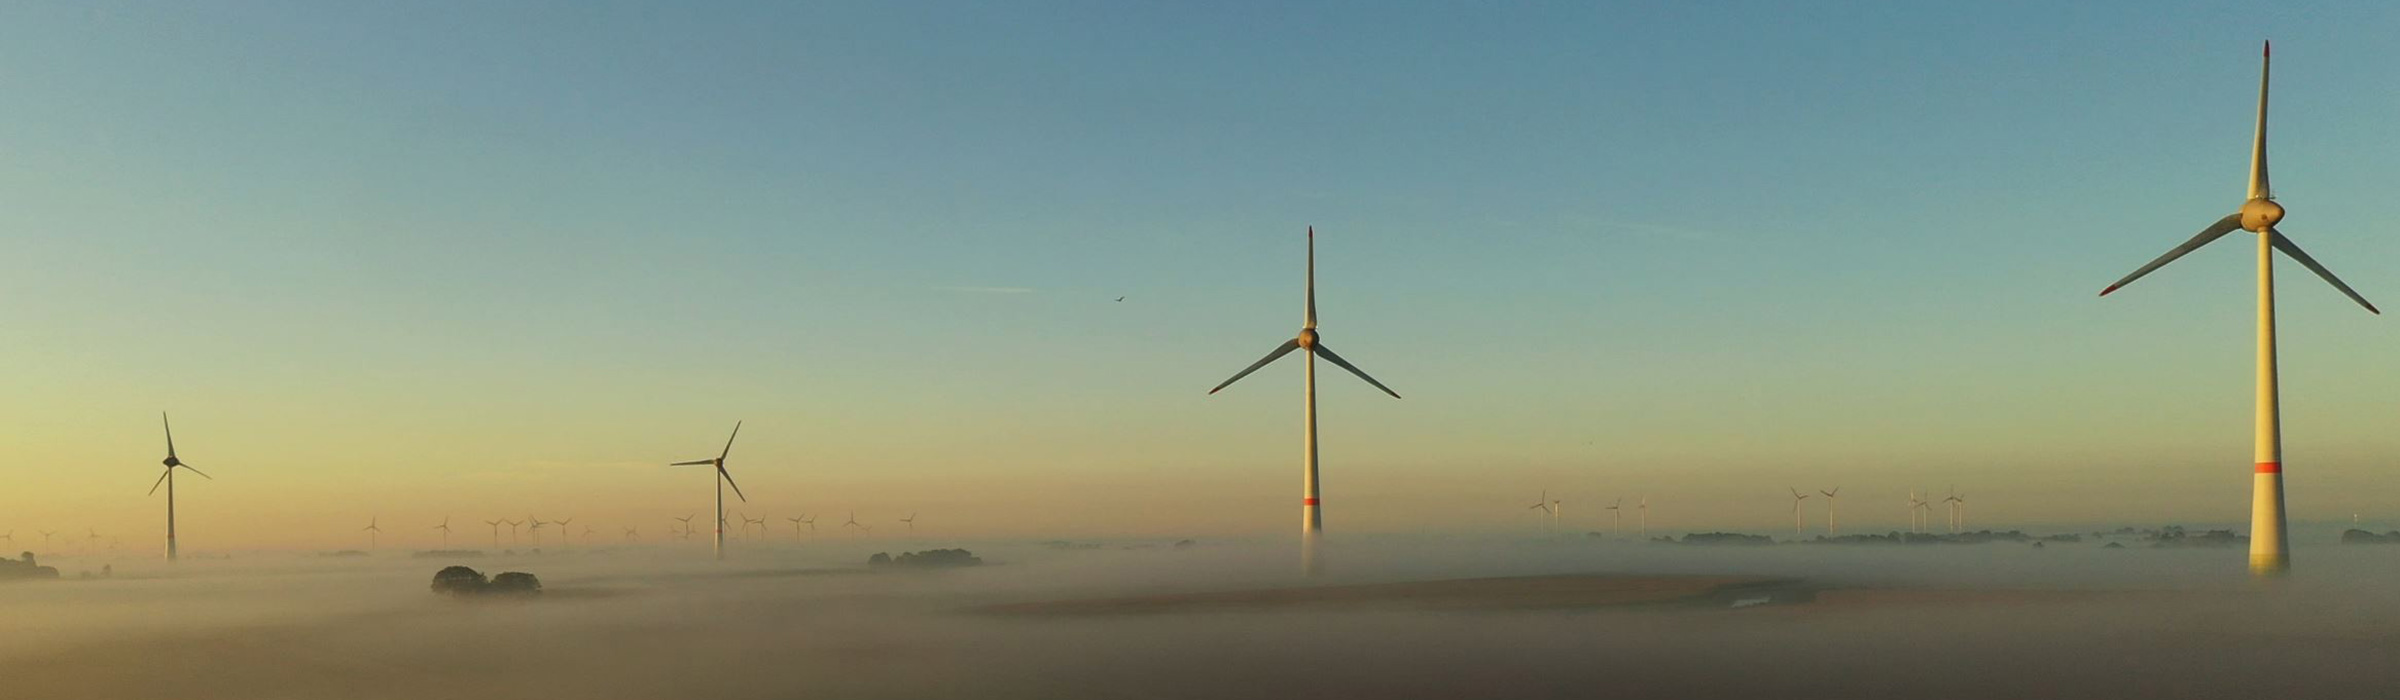 Drohnenaufnahme - Windkraftanlagen